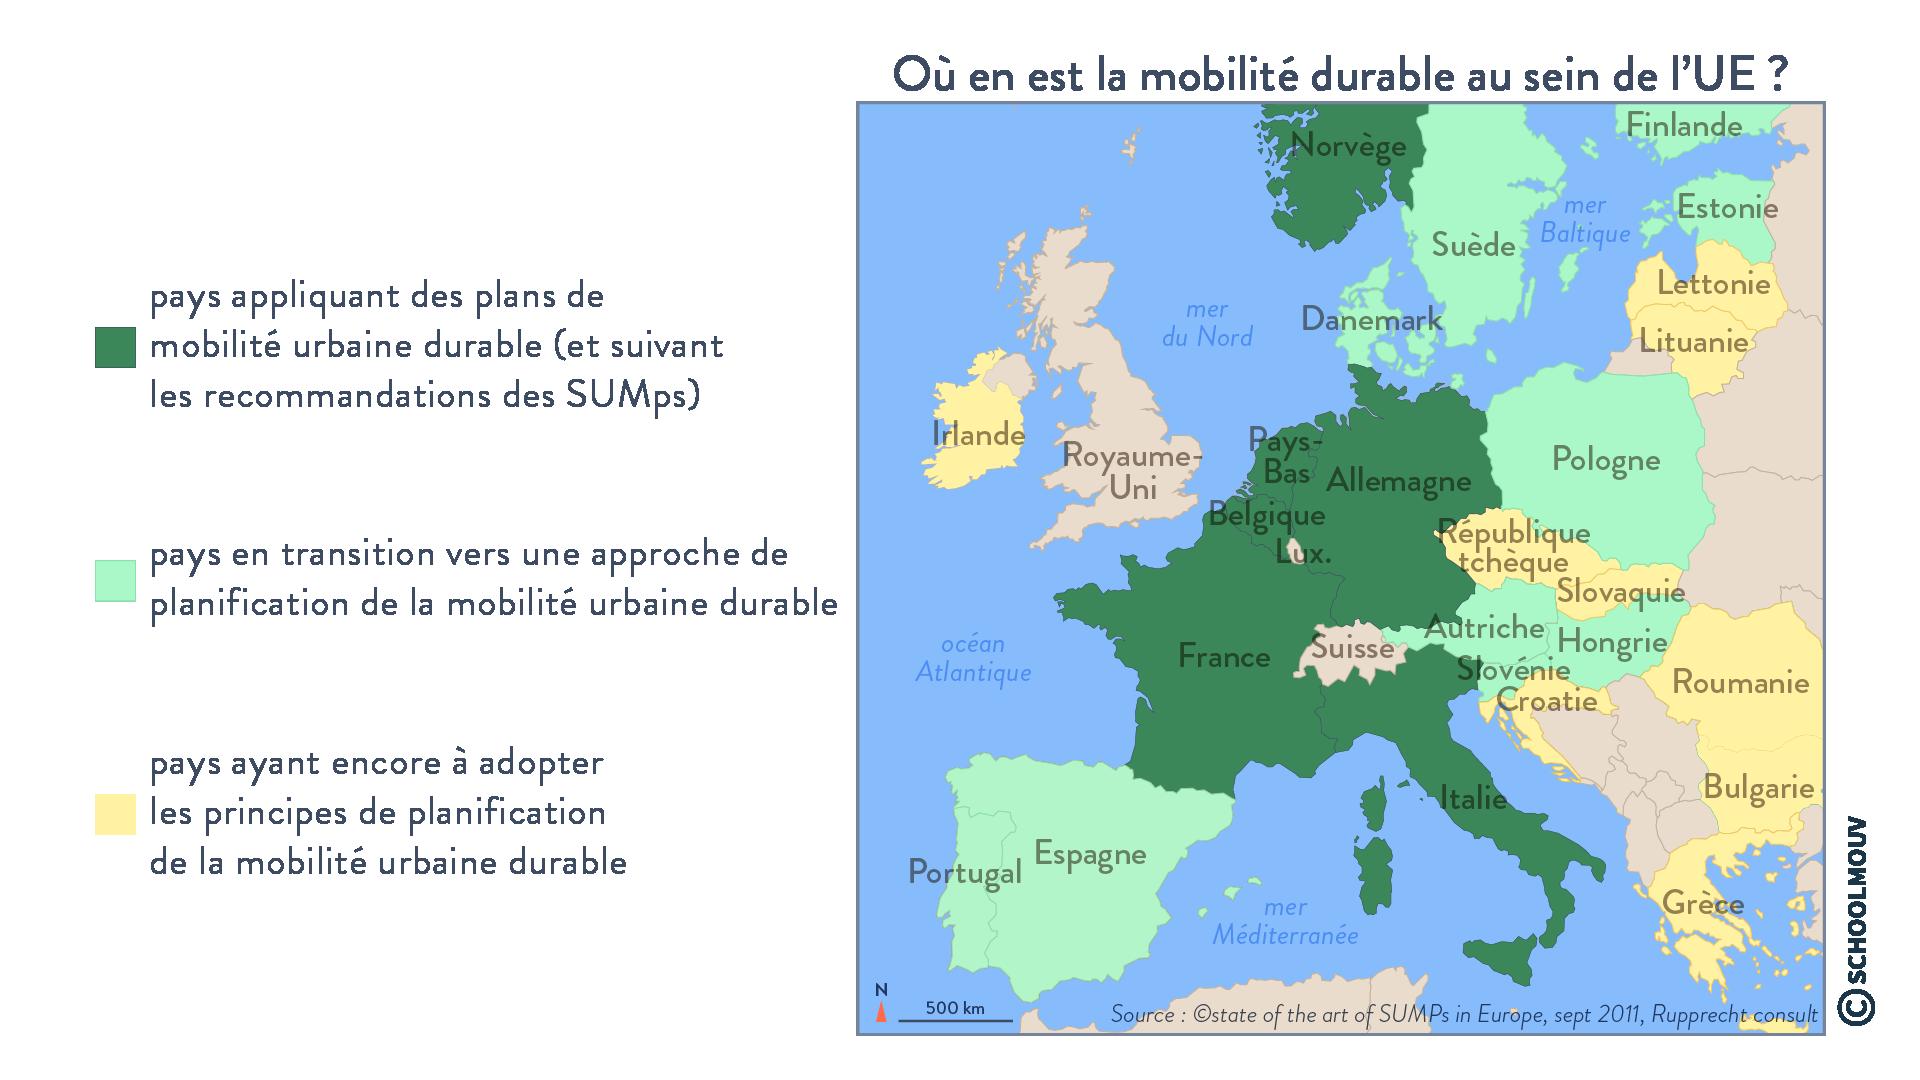 Où en est la mobilité durable au sein de l'UE? - Géographie - Terminale - SchoolMouv